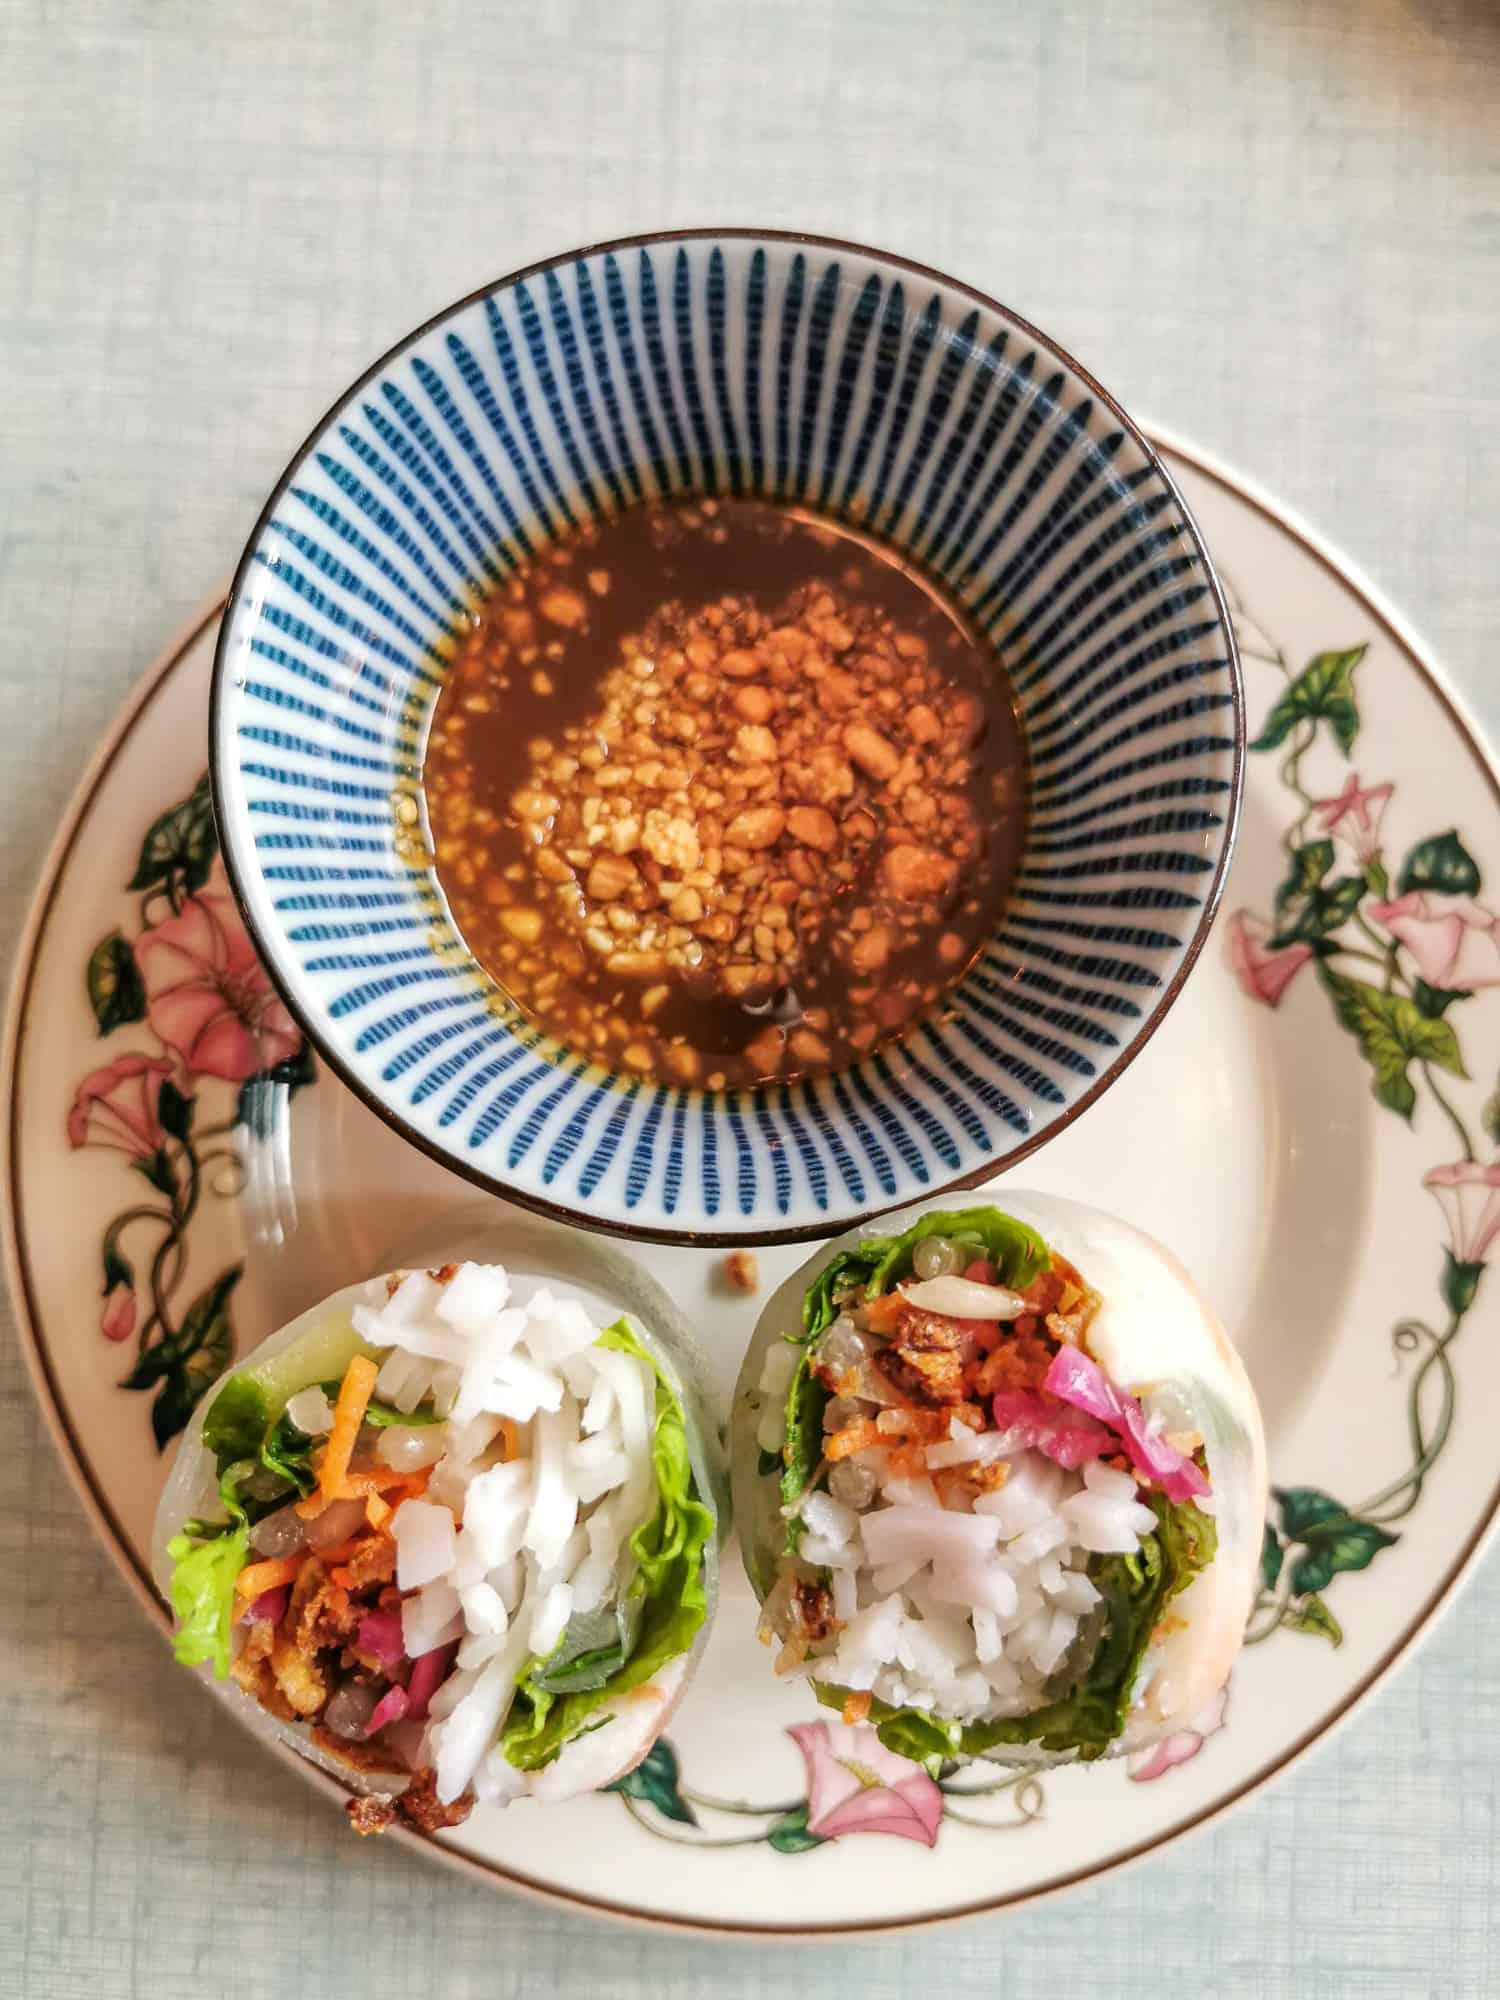 ca-phe-broc-ouest-restaurant-vietnamien-paris-14-bouiboui-19